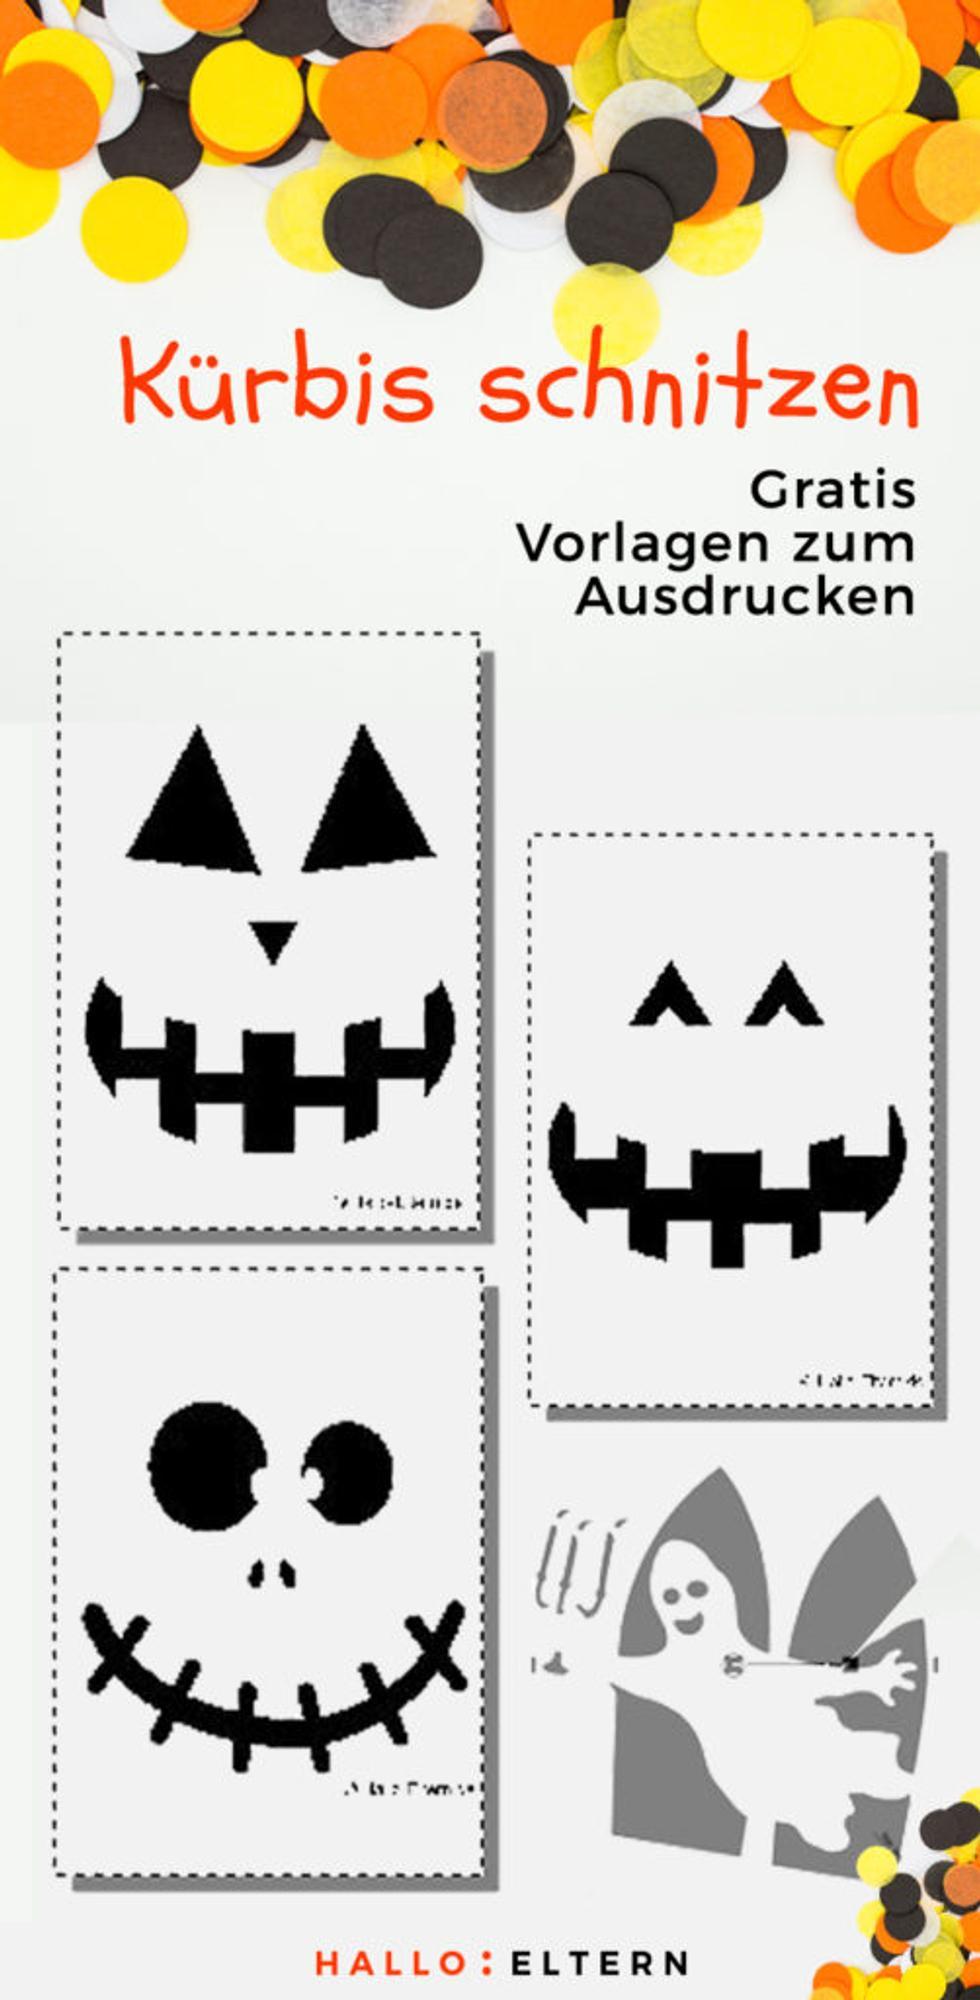 Pin: Anleitung zum Kürbis schnitzen mit Vorlagen zum Download